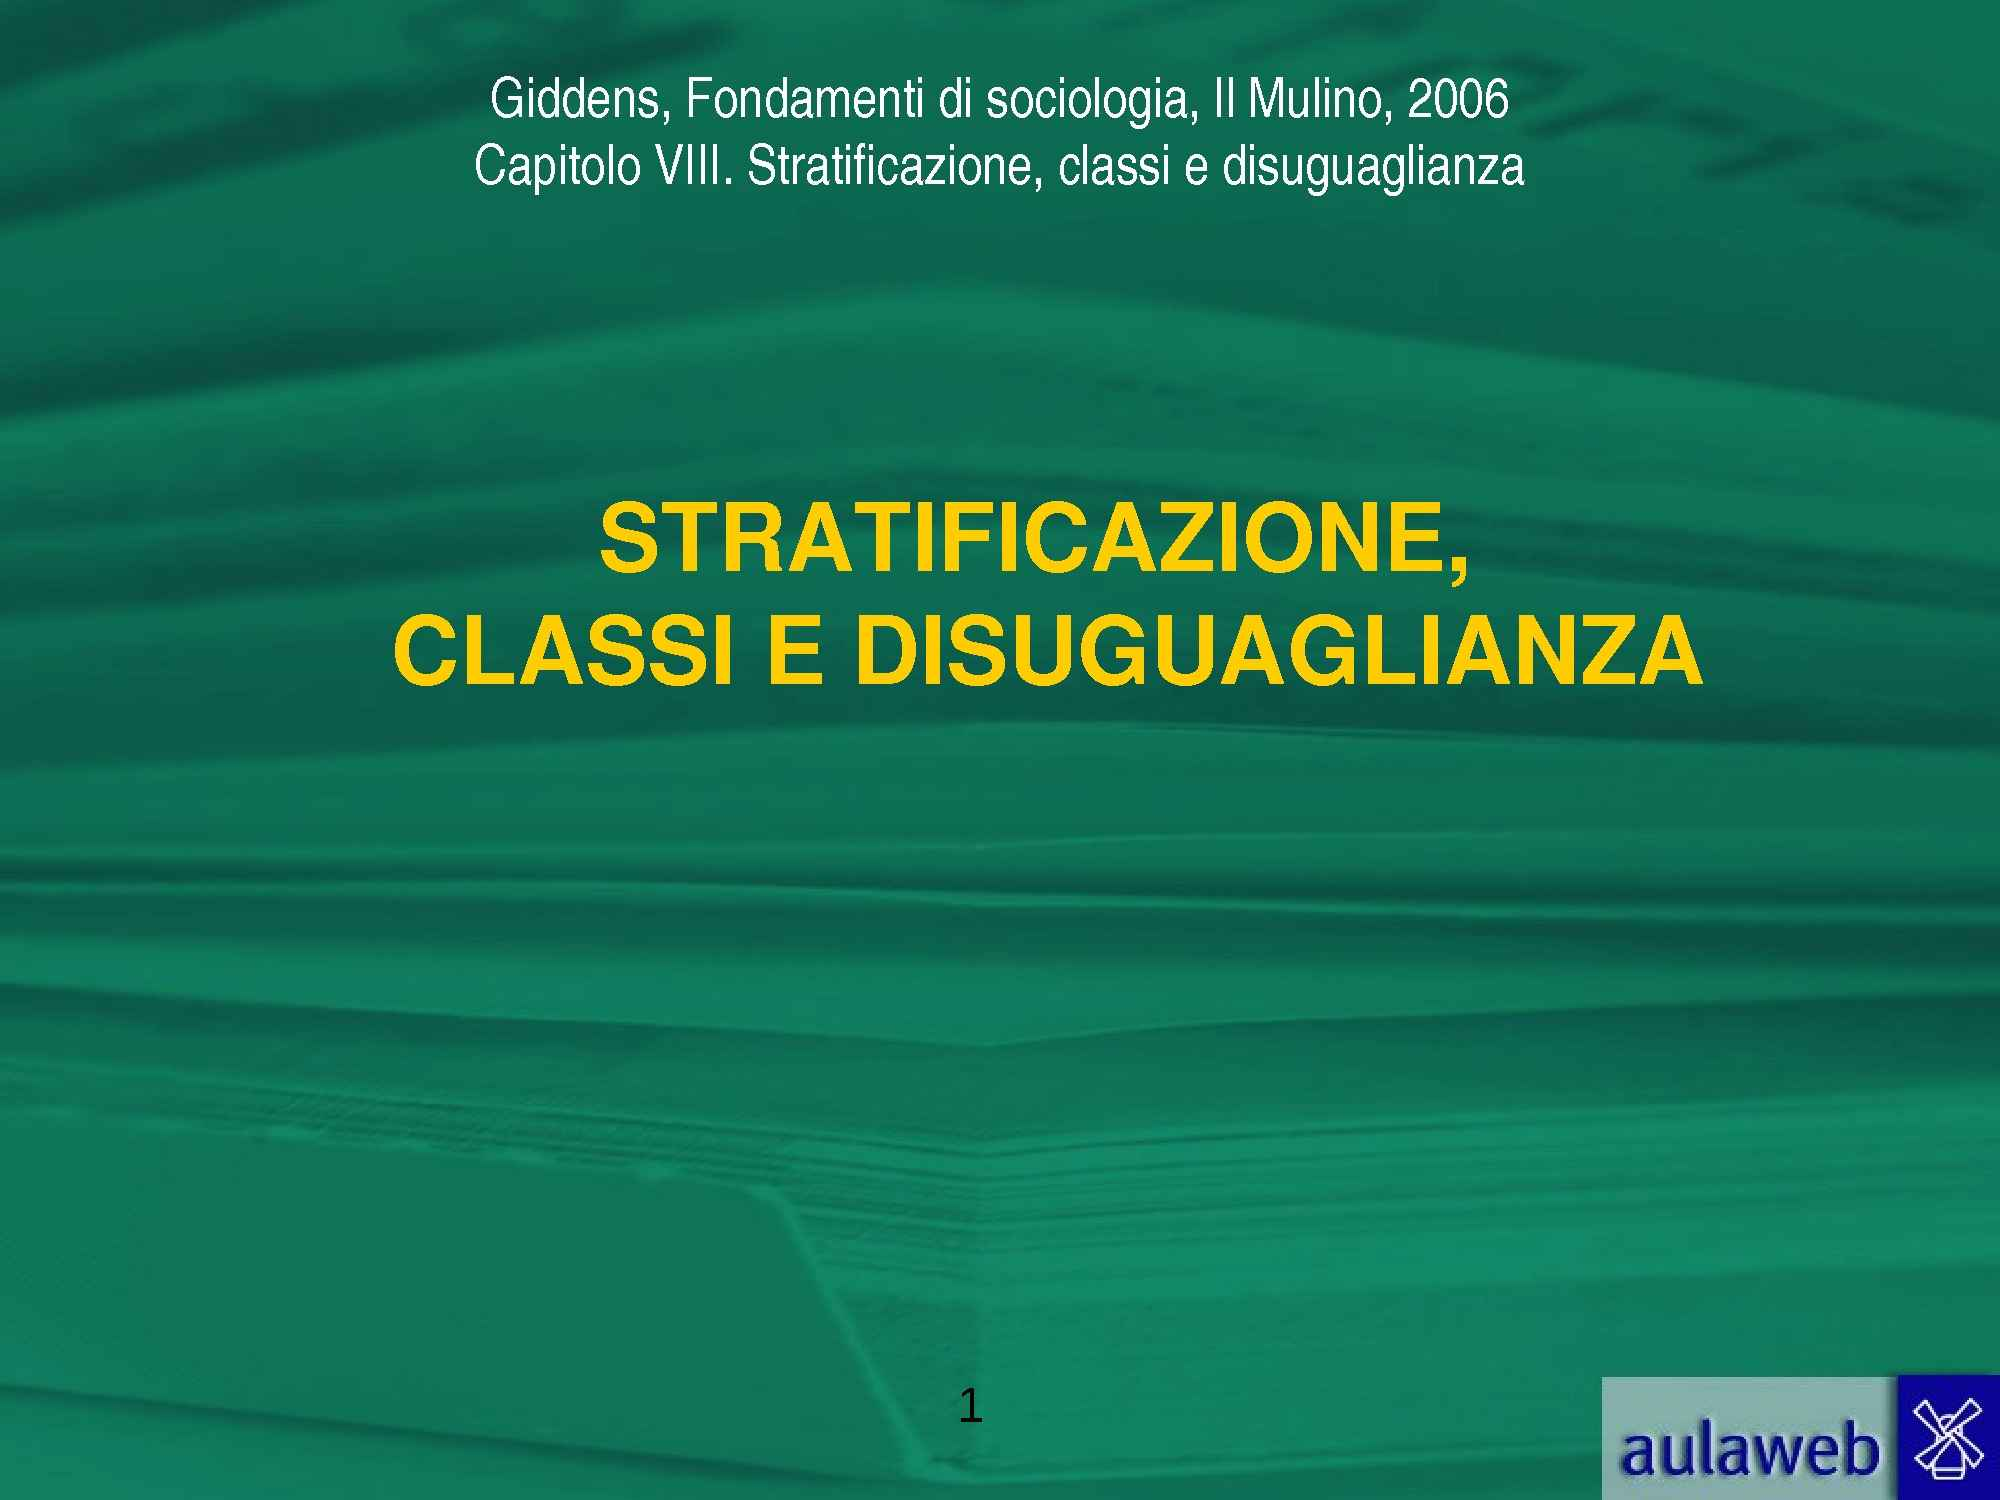 Stratificazione, classi e disuguaglianza